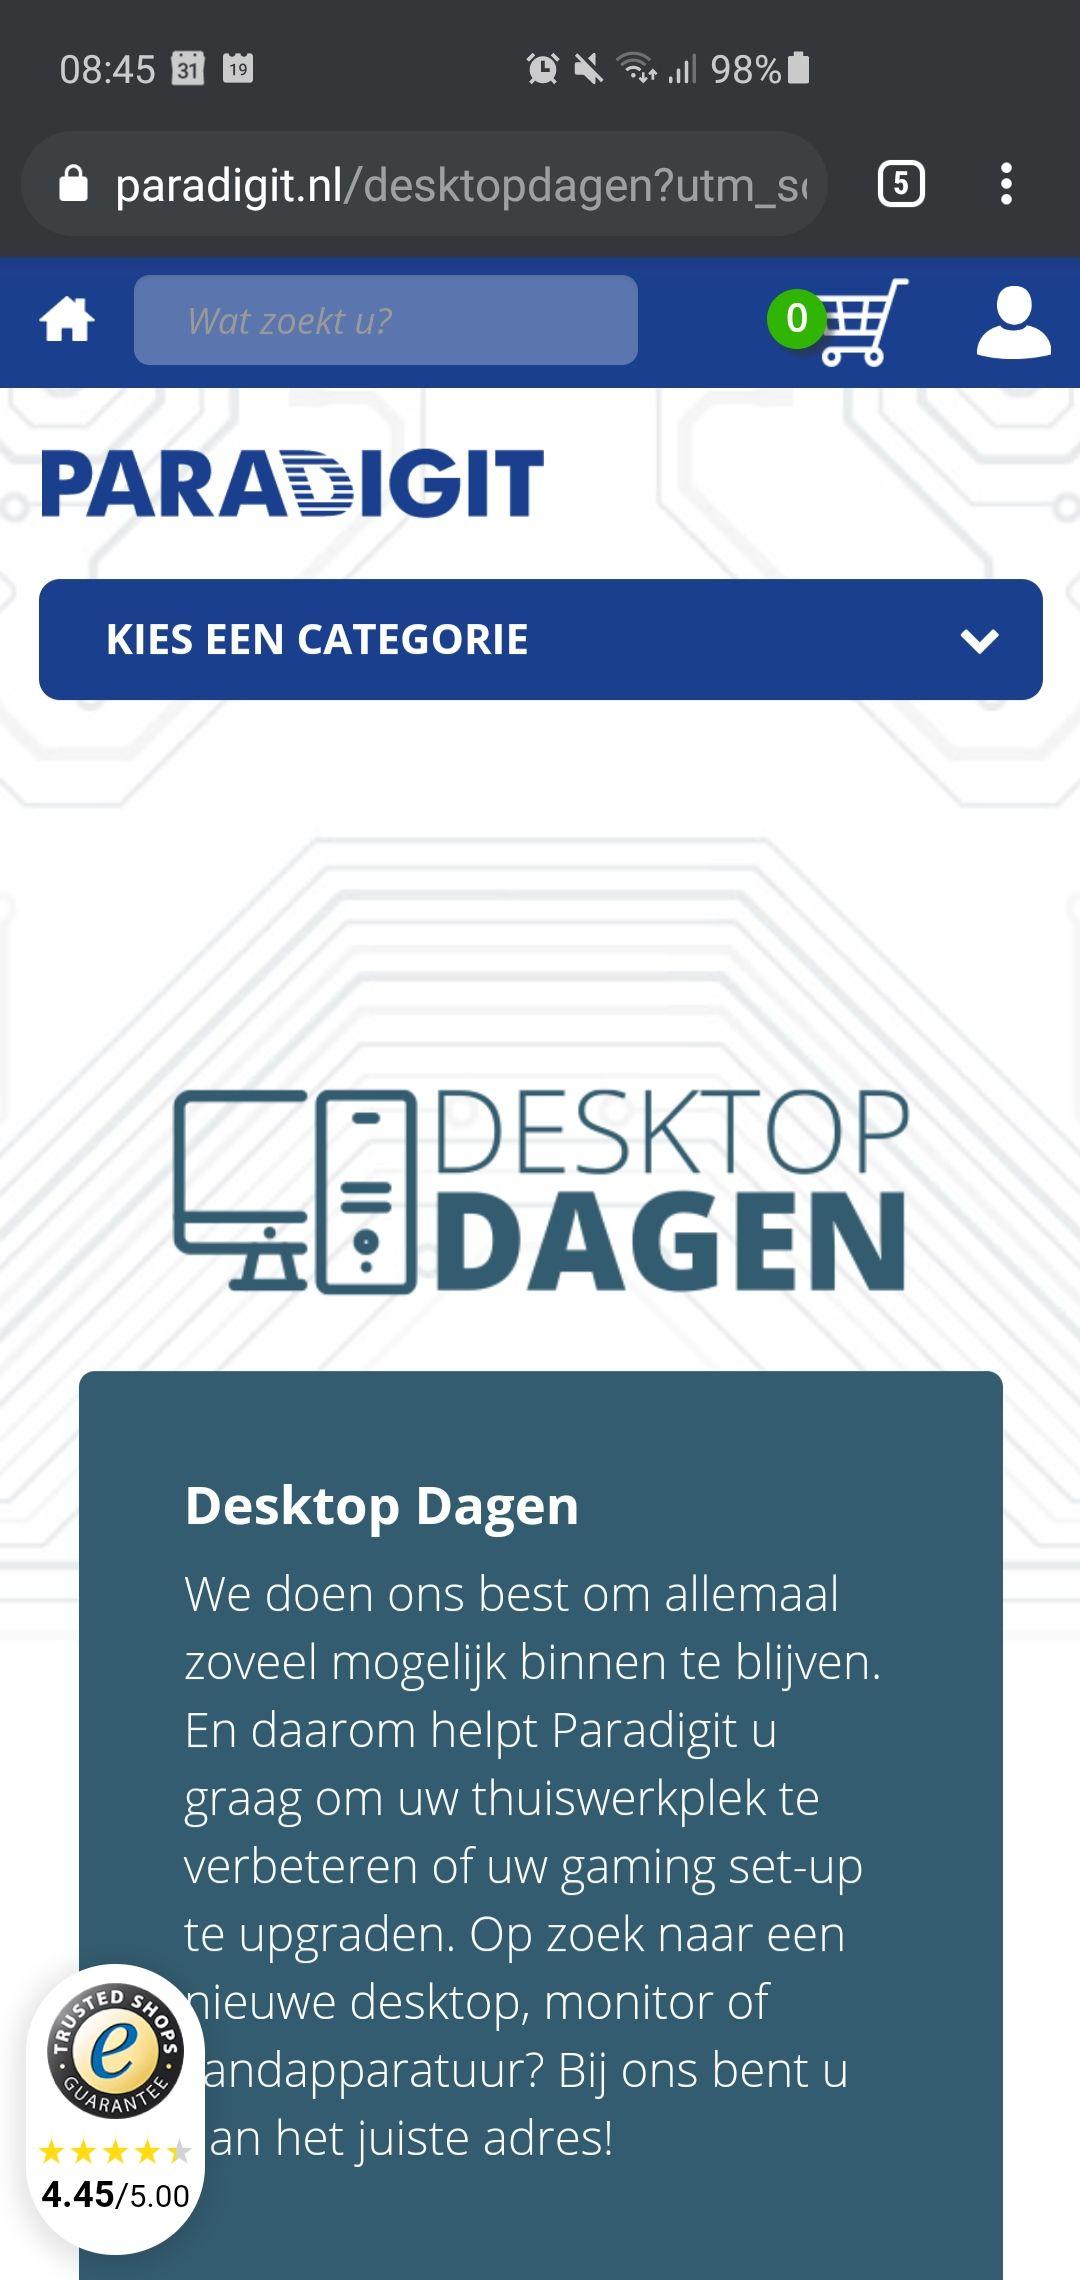 Desktopdagen bij paradigit